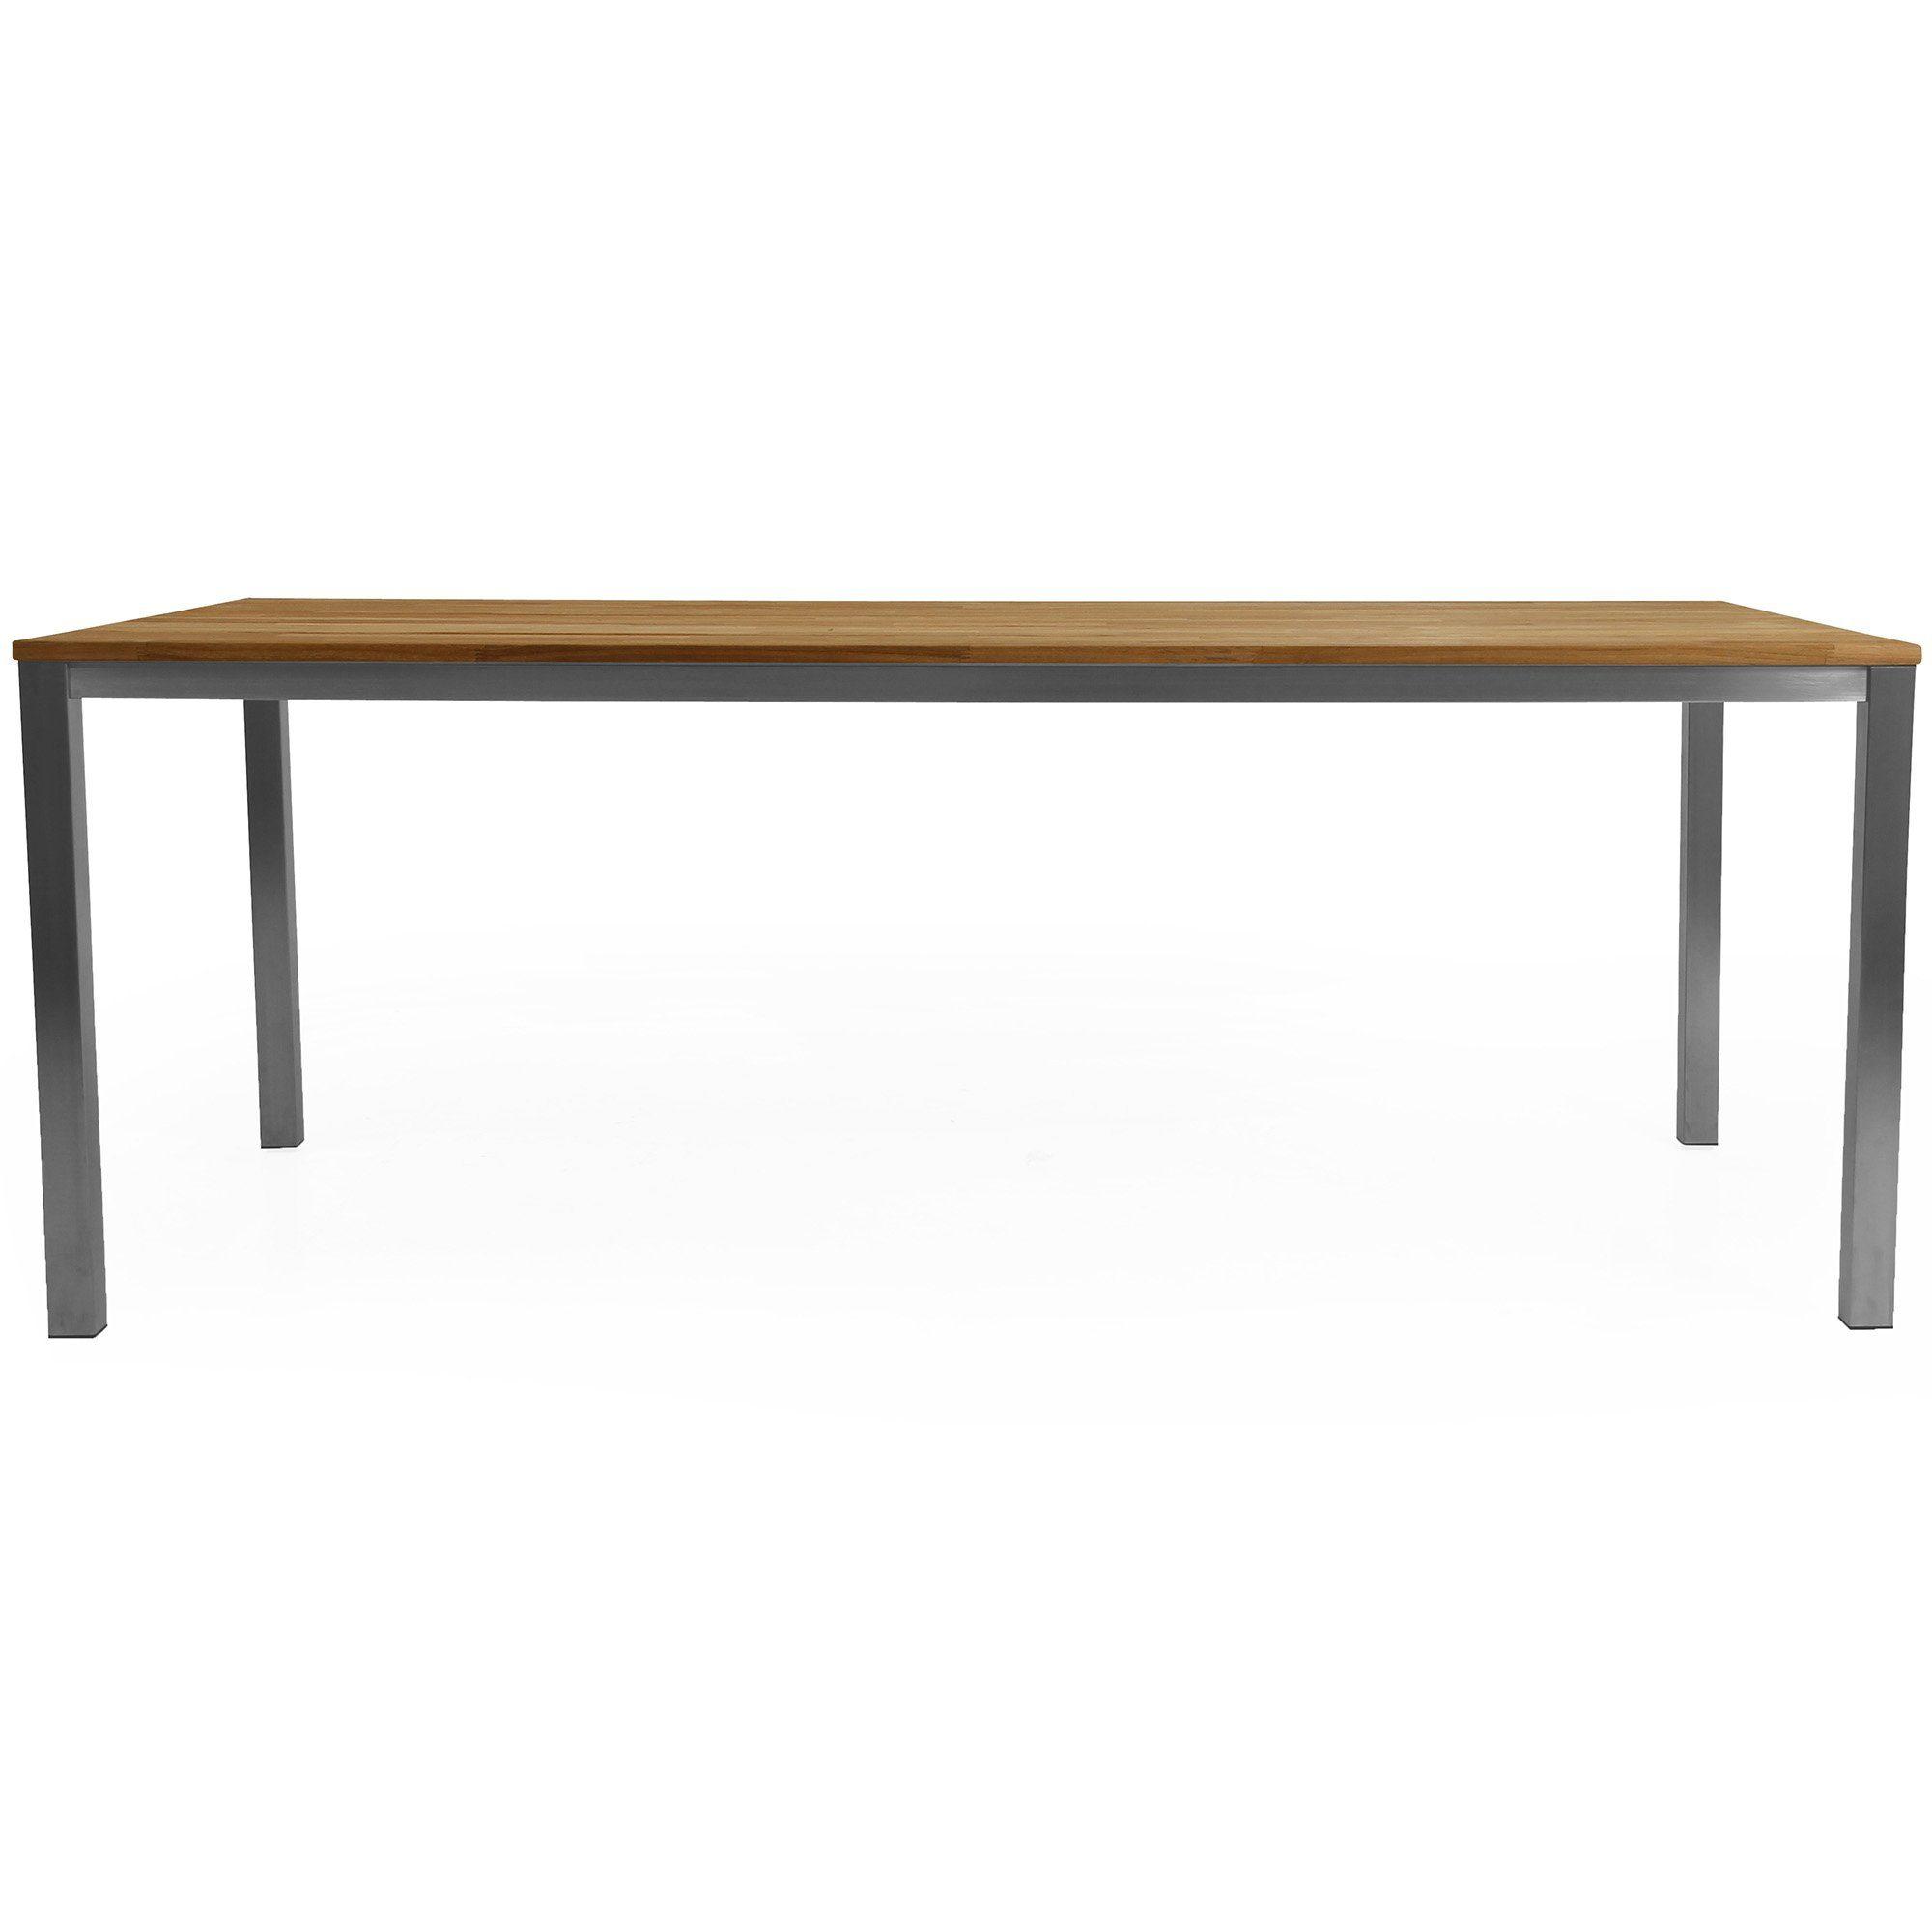 Matbordet Hinton från Brafab med bordsskiva i teak.